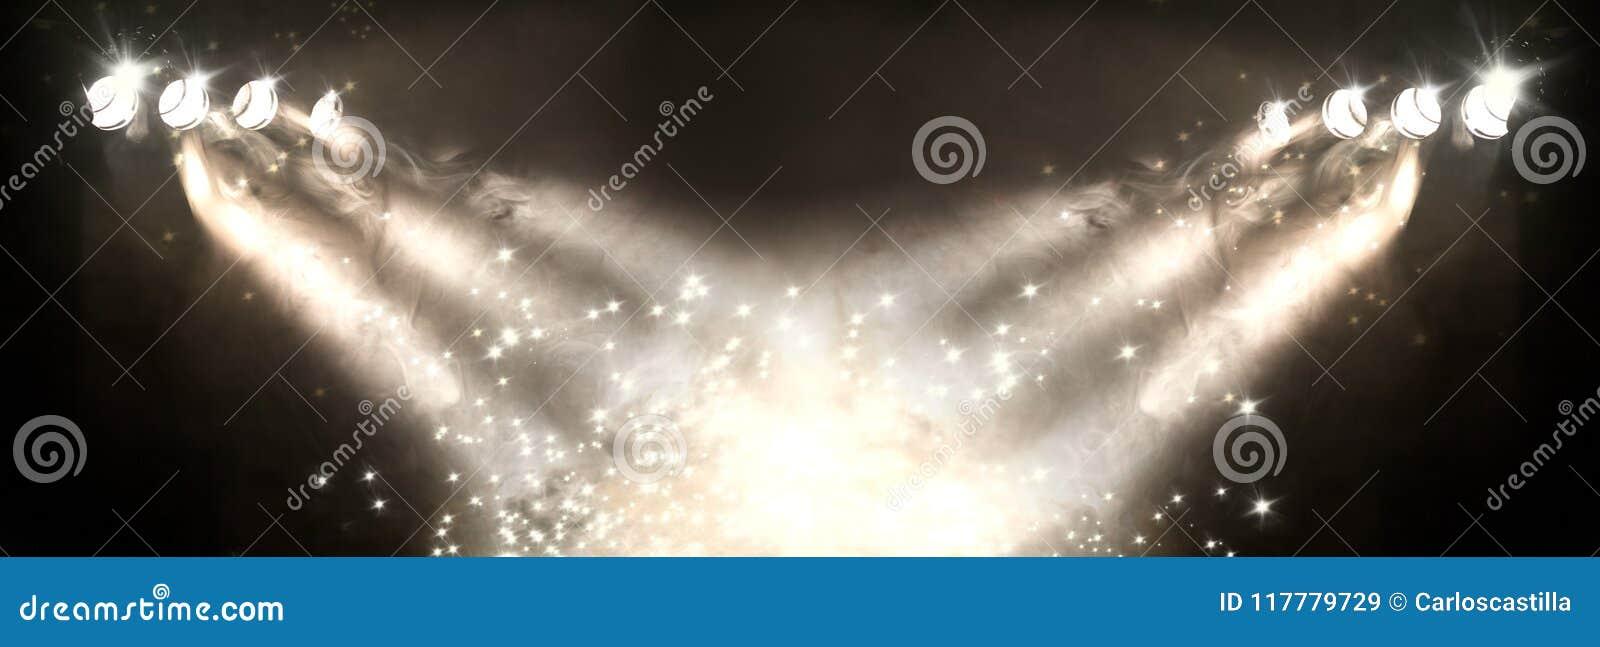 Présentez les lumières et le brouillard ou brumeux dans l obscurité